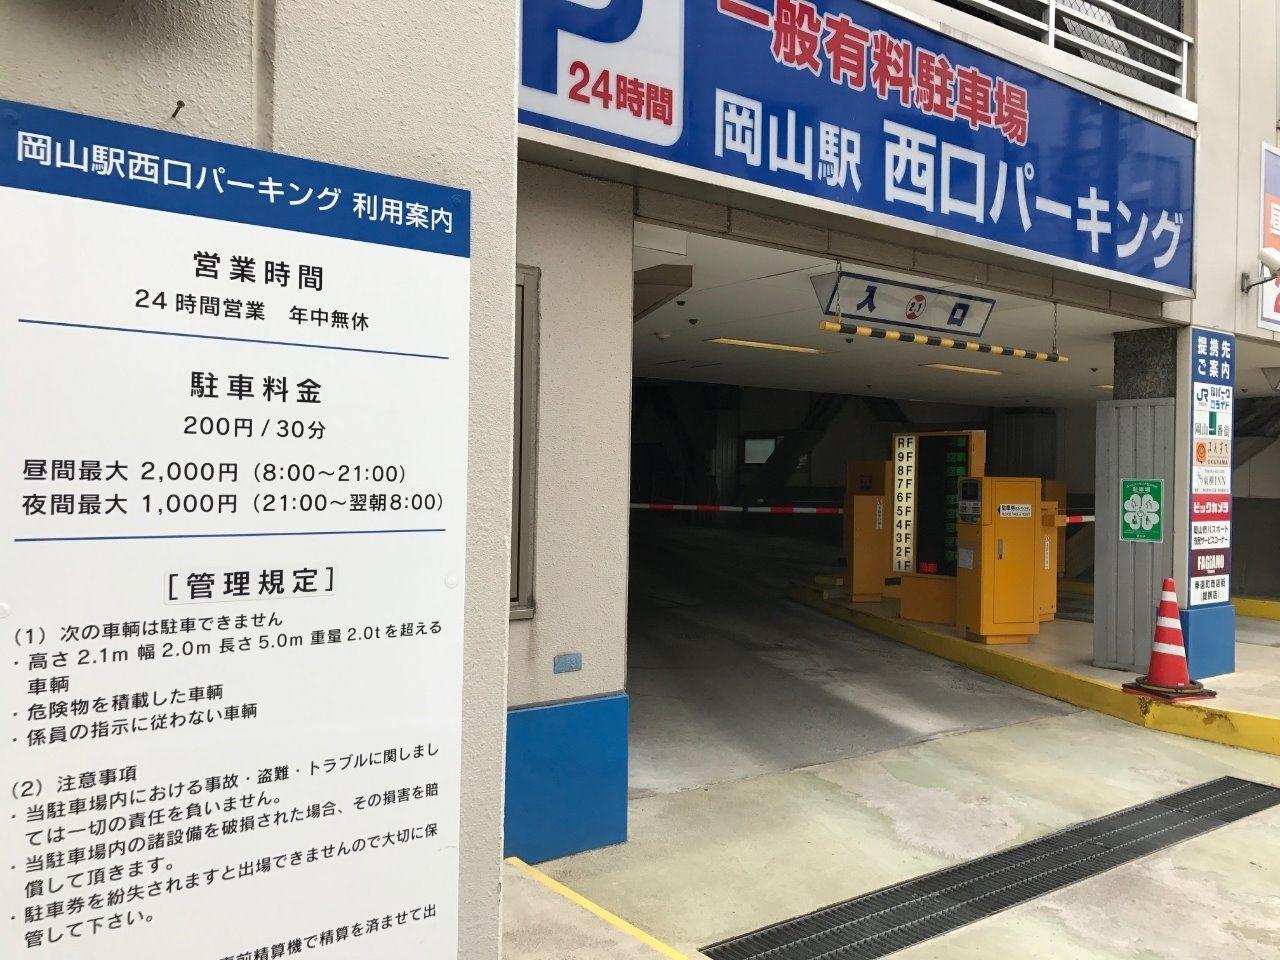 岡山駅 西口パーキング 24時間